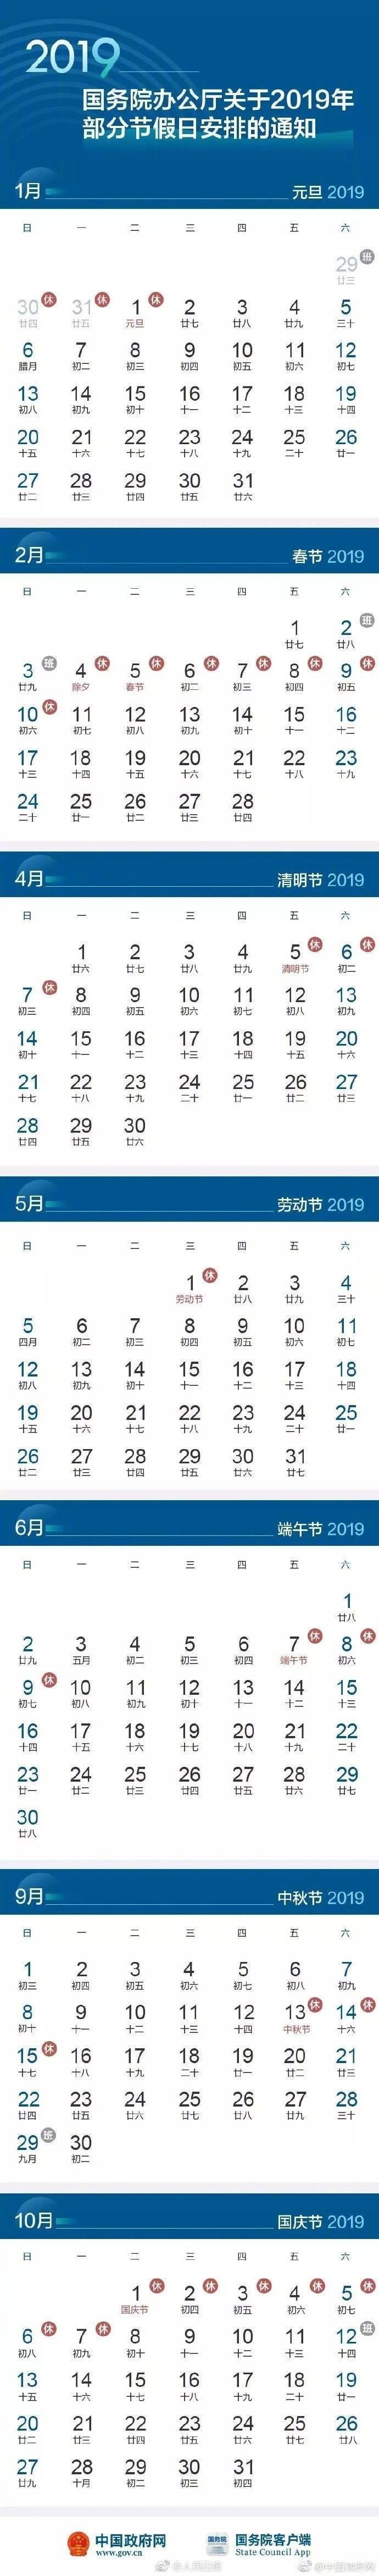 2019年放假安排发布了,五一劳动节只有一天!